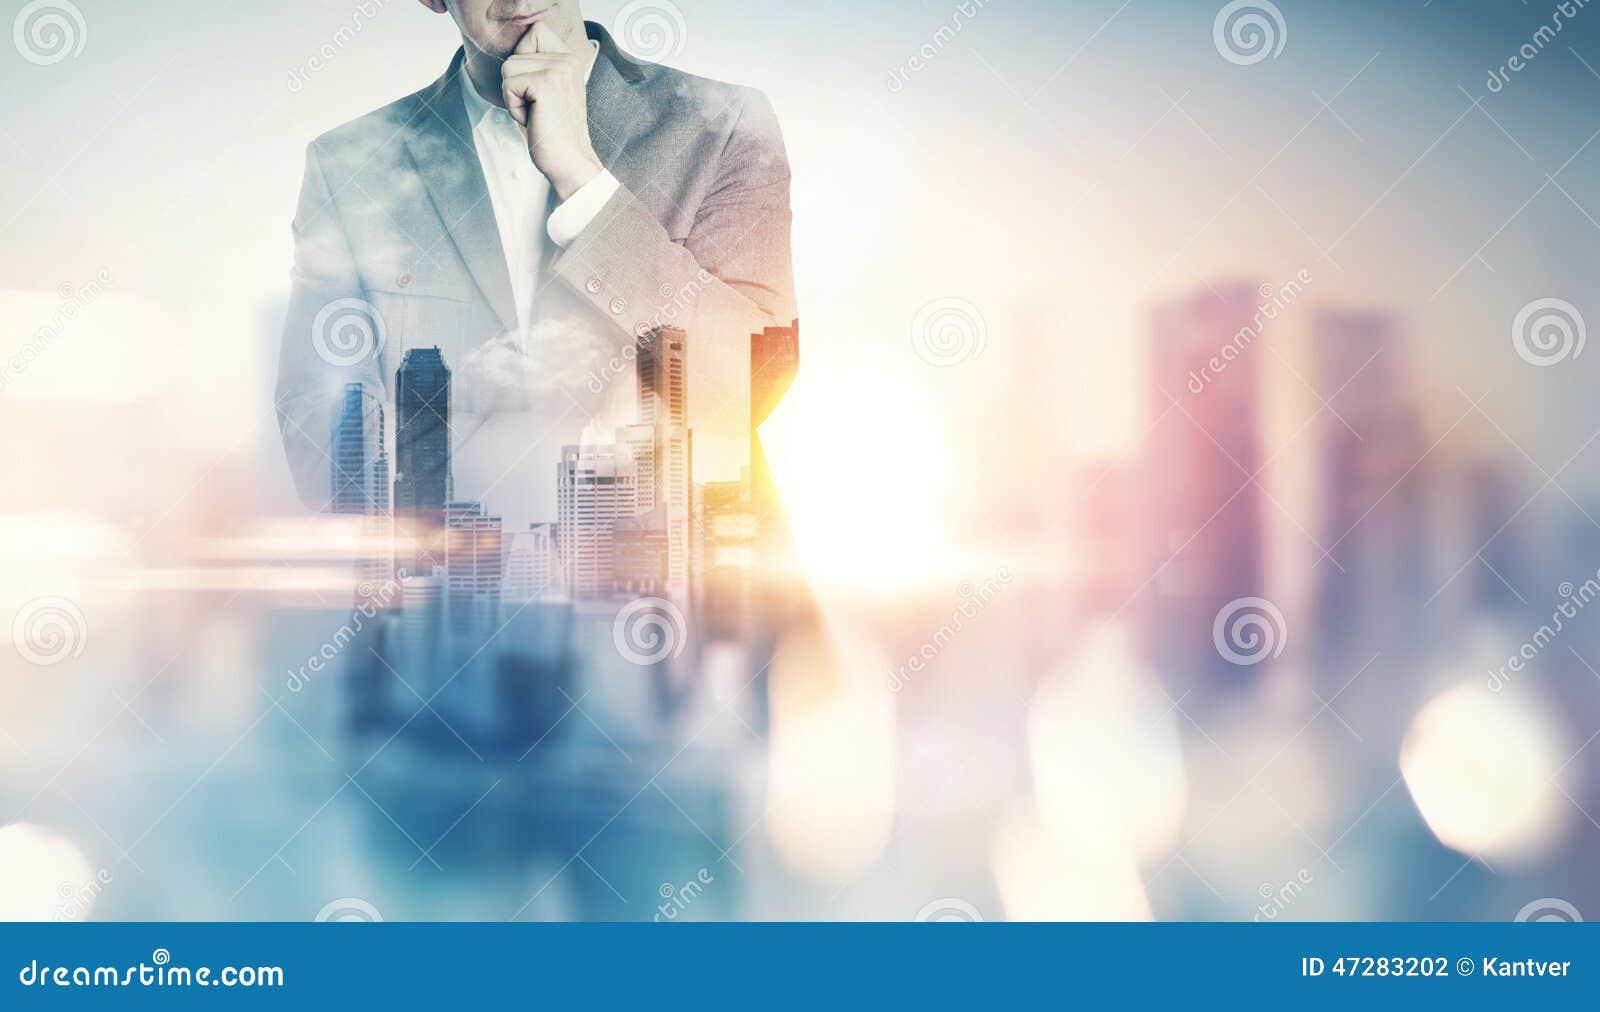 Διπλή έκθεση του ατόμου πόλεων και επιχειρήσεων με τα ελαφριά αποτελέσματα